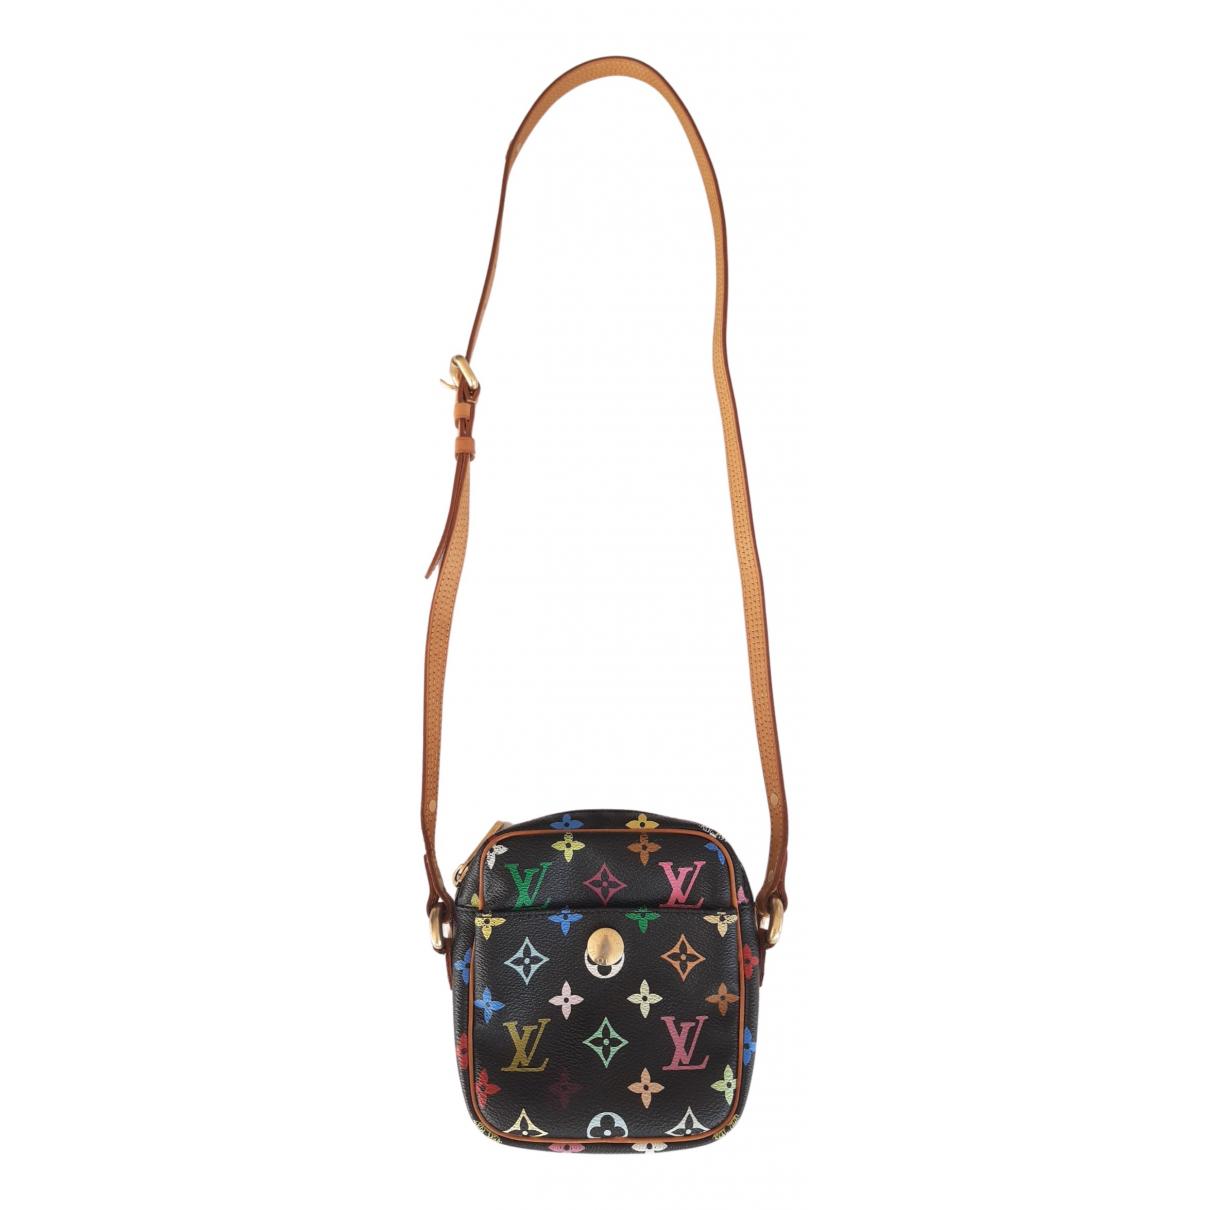 Louis Vuitton N Multicolour Cloth handbag for Women N